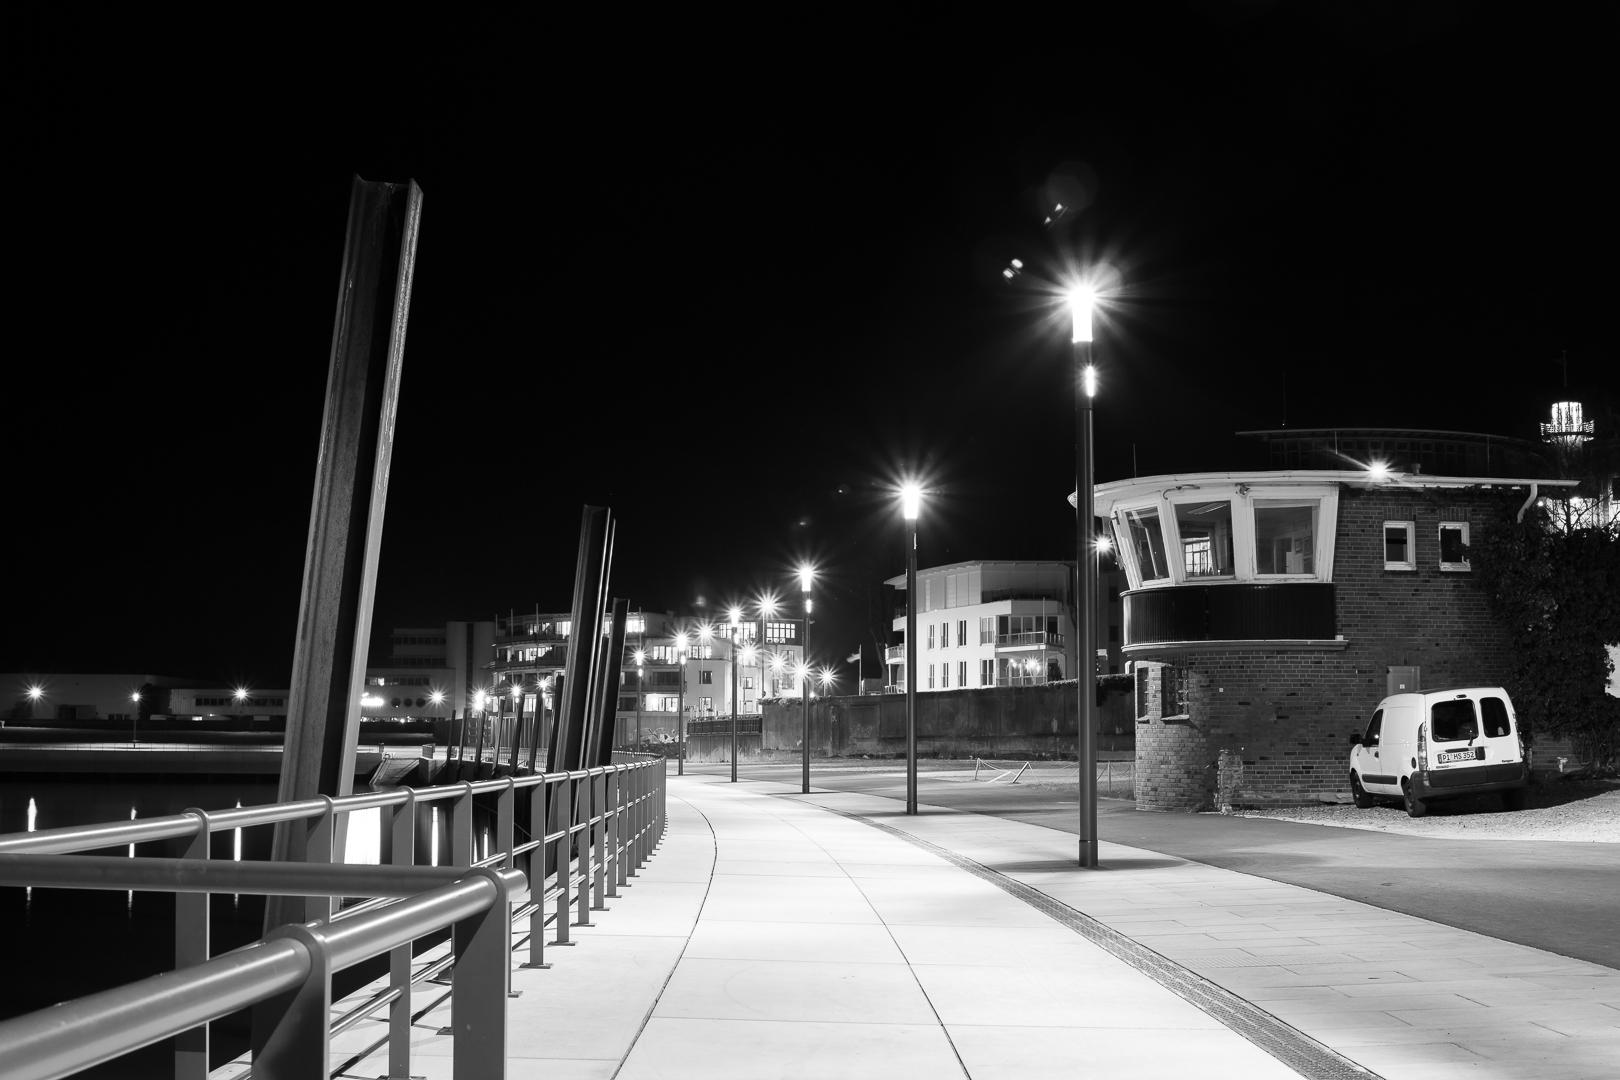 Ostmole Hafen Wedel bei Nacht